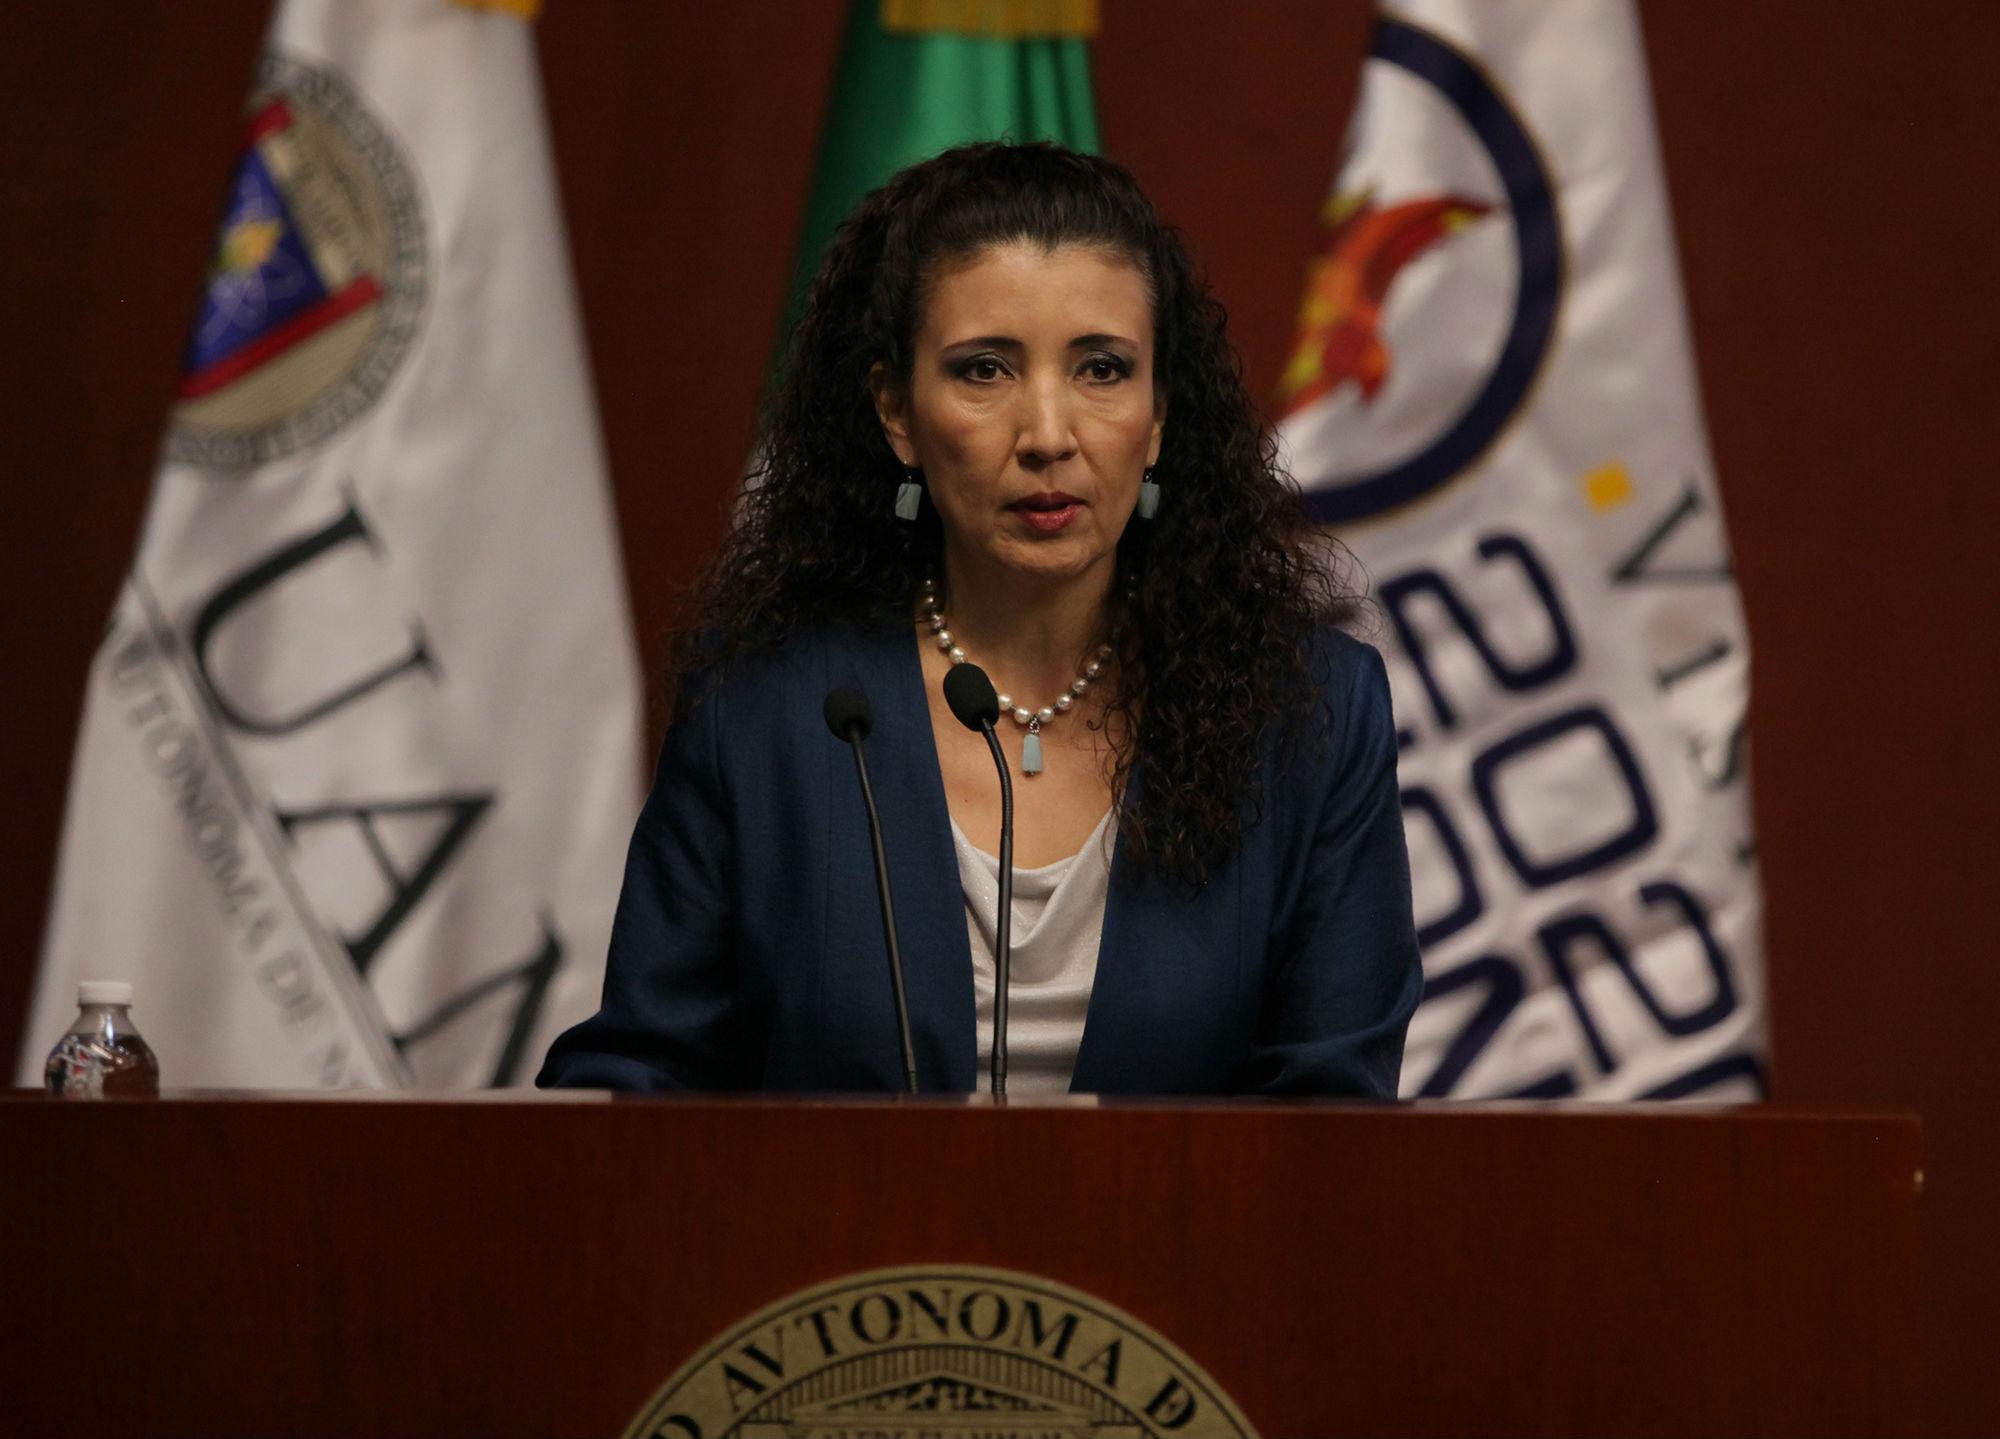 Dra. Luz Natalia Berrún Castañón, Secretaria de Asuntos Universitarios